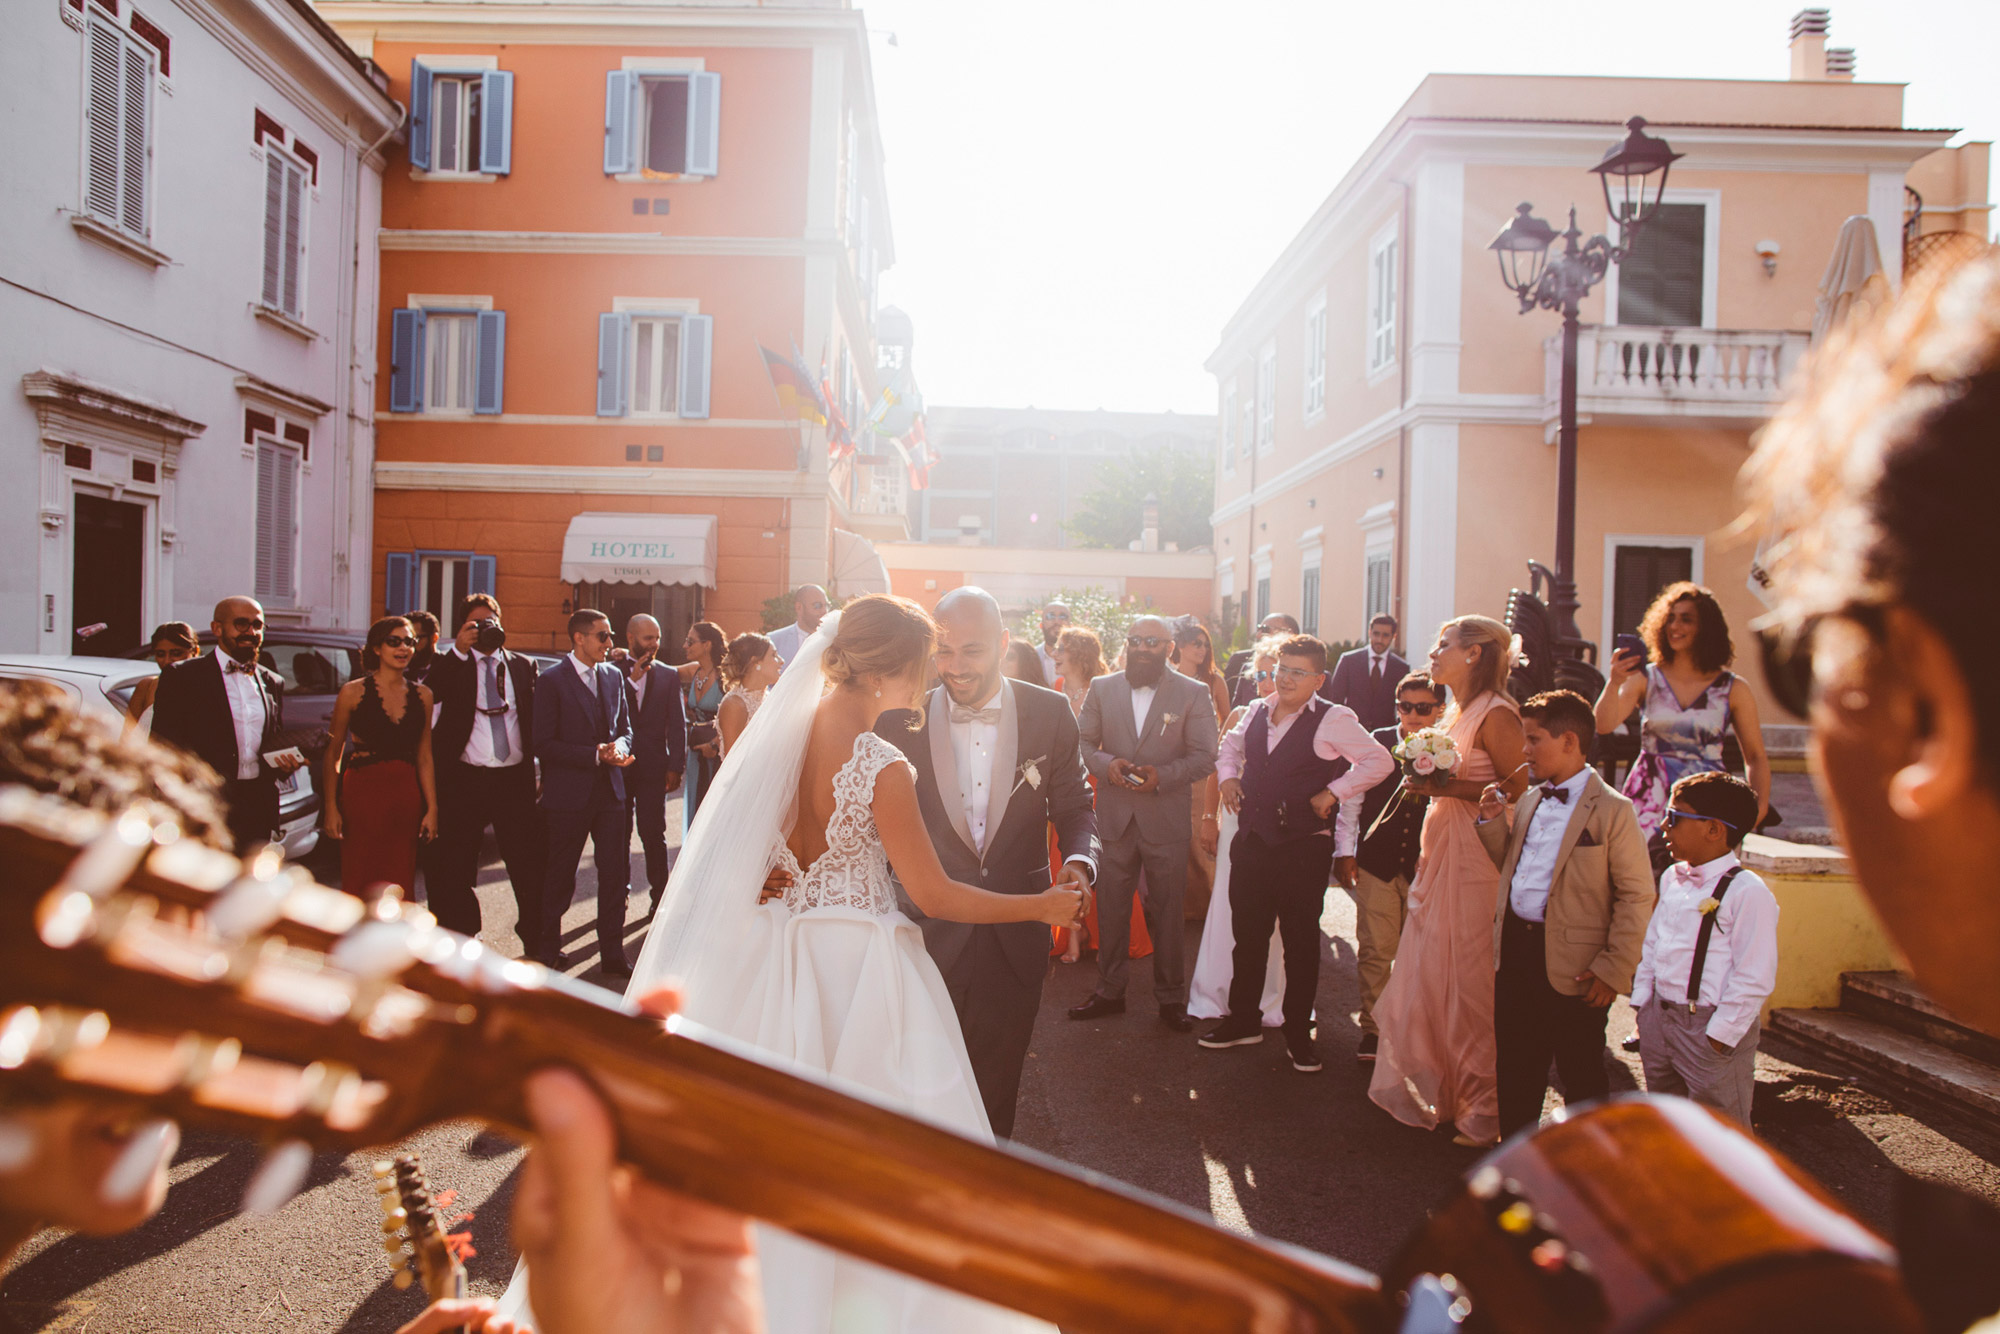 063-santamarinella-wedding-castello-odescalchi.jpg